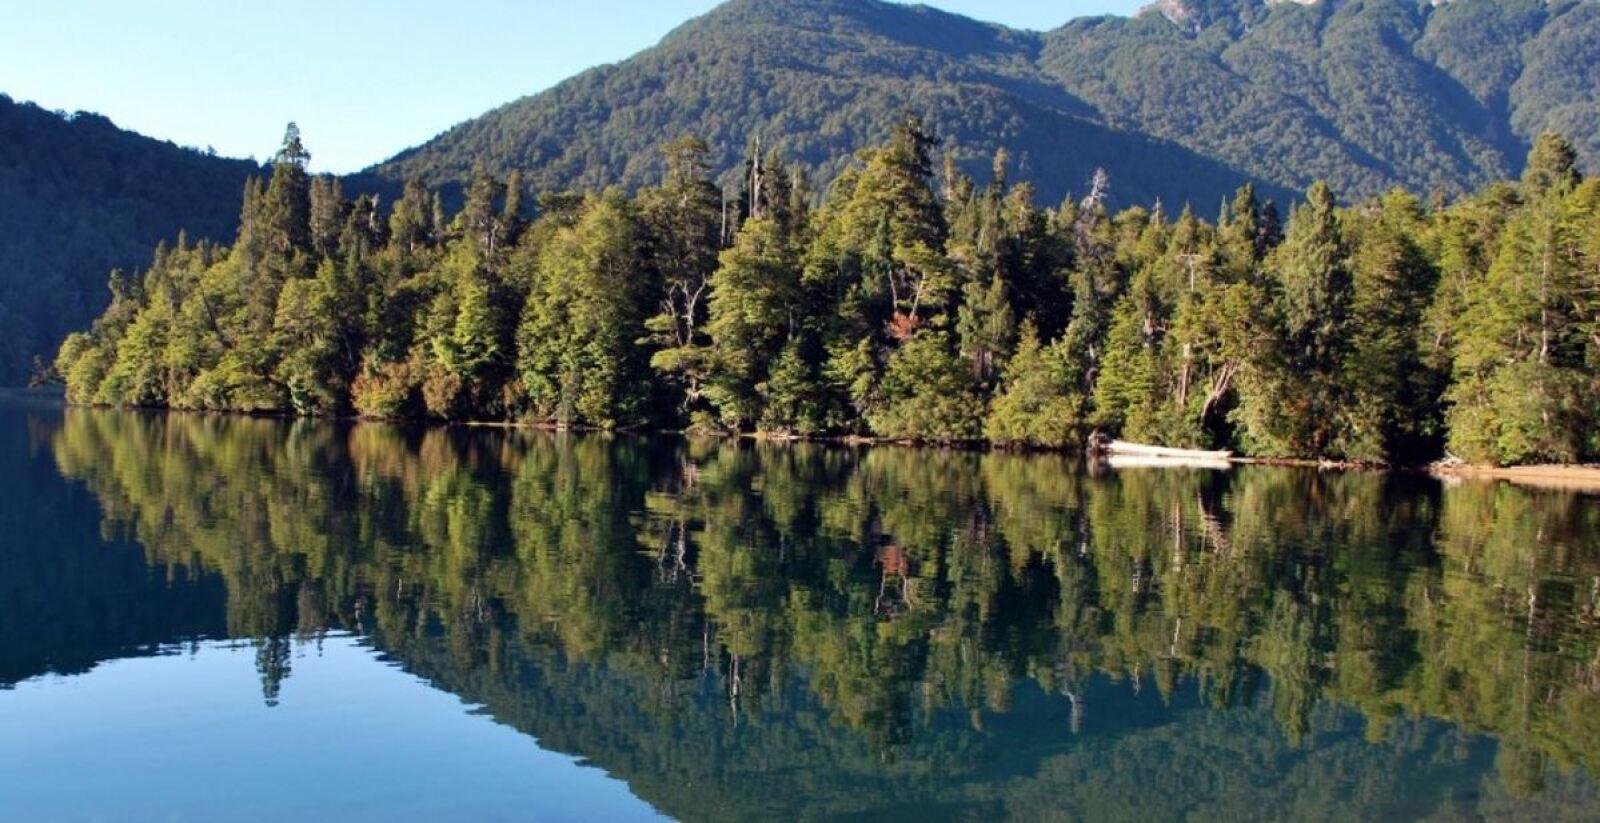 Parque Nacional de Los Alerces